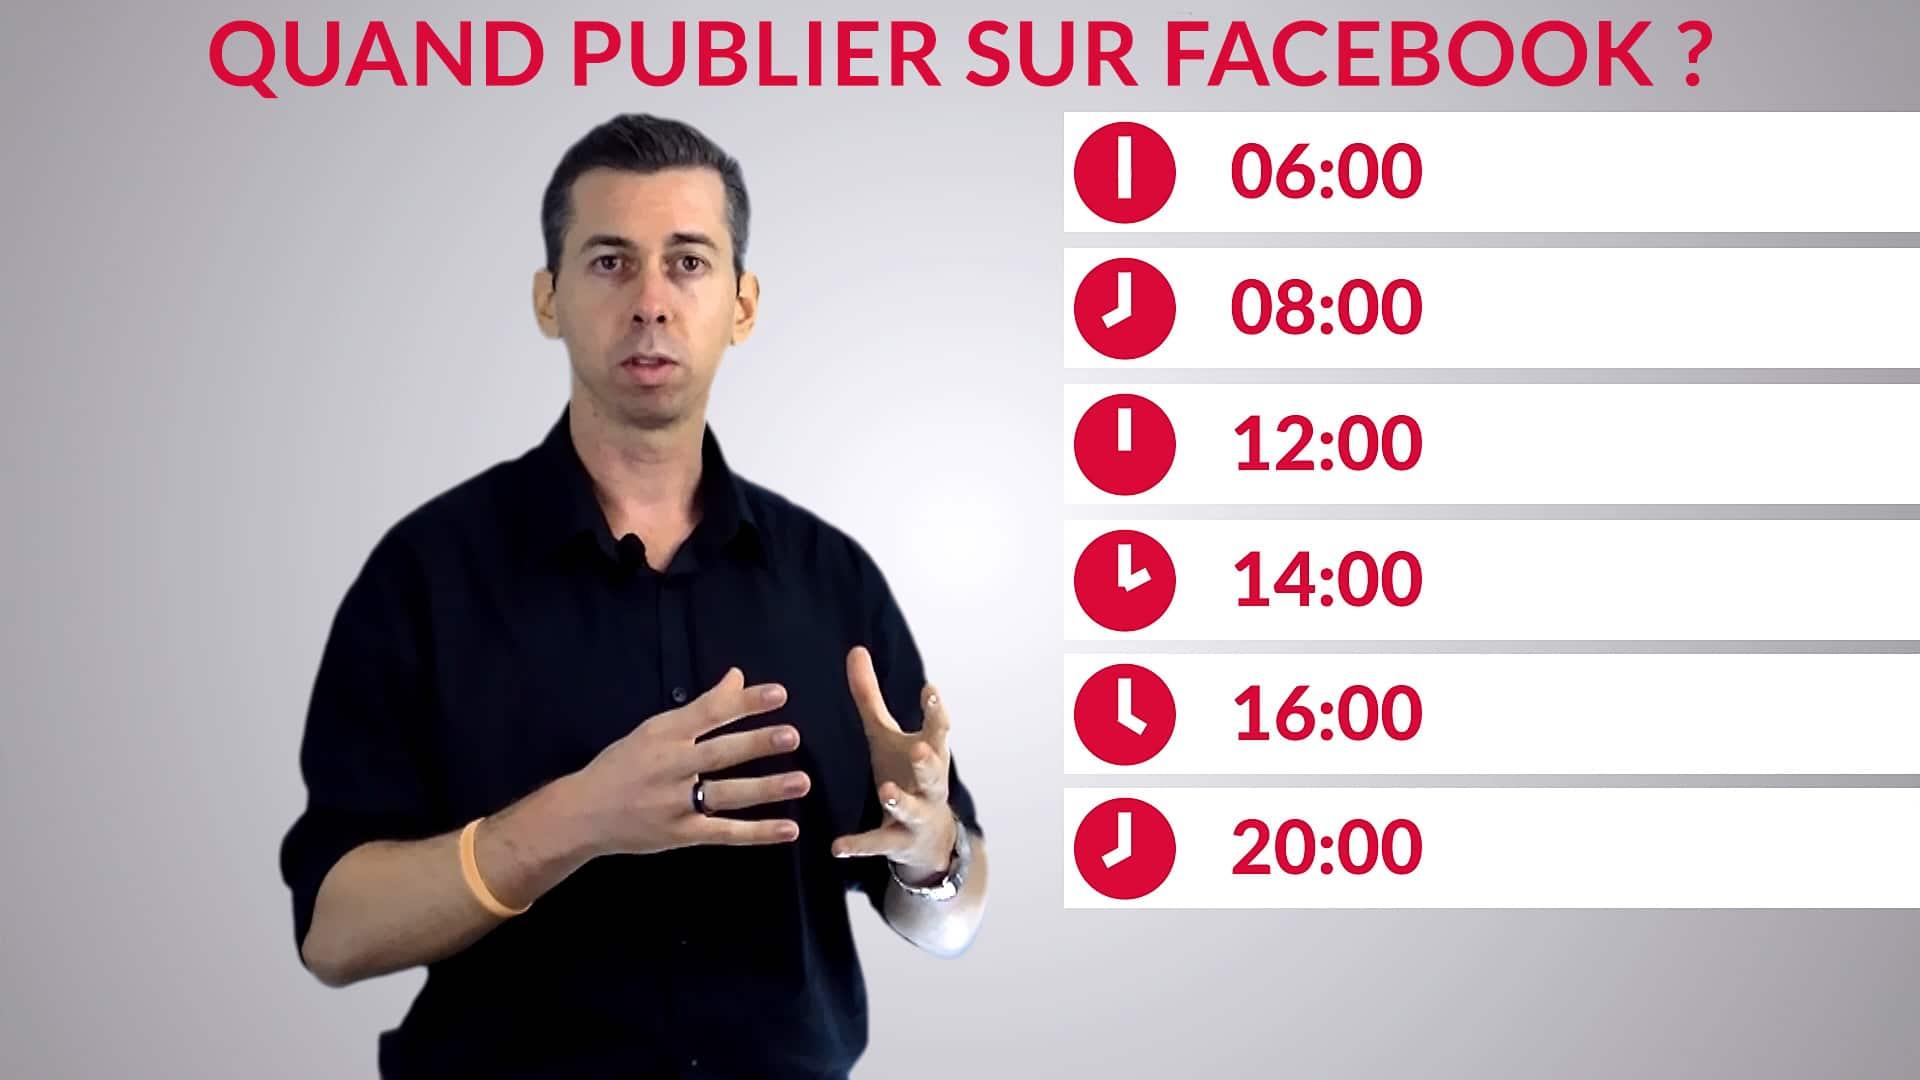 Meilleur moment pour publier sur Facebook - Les horaires